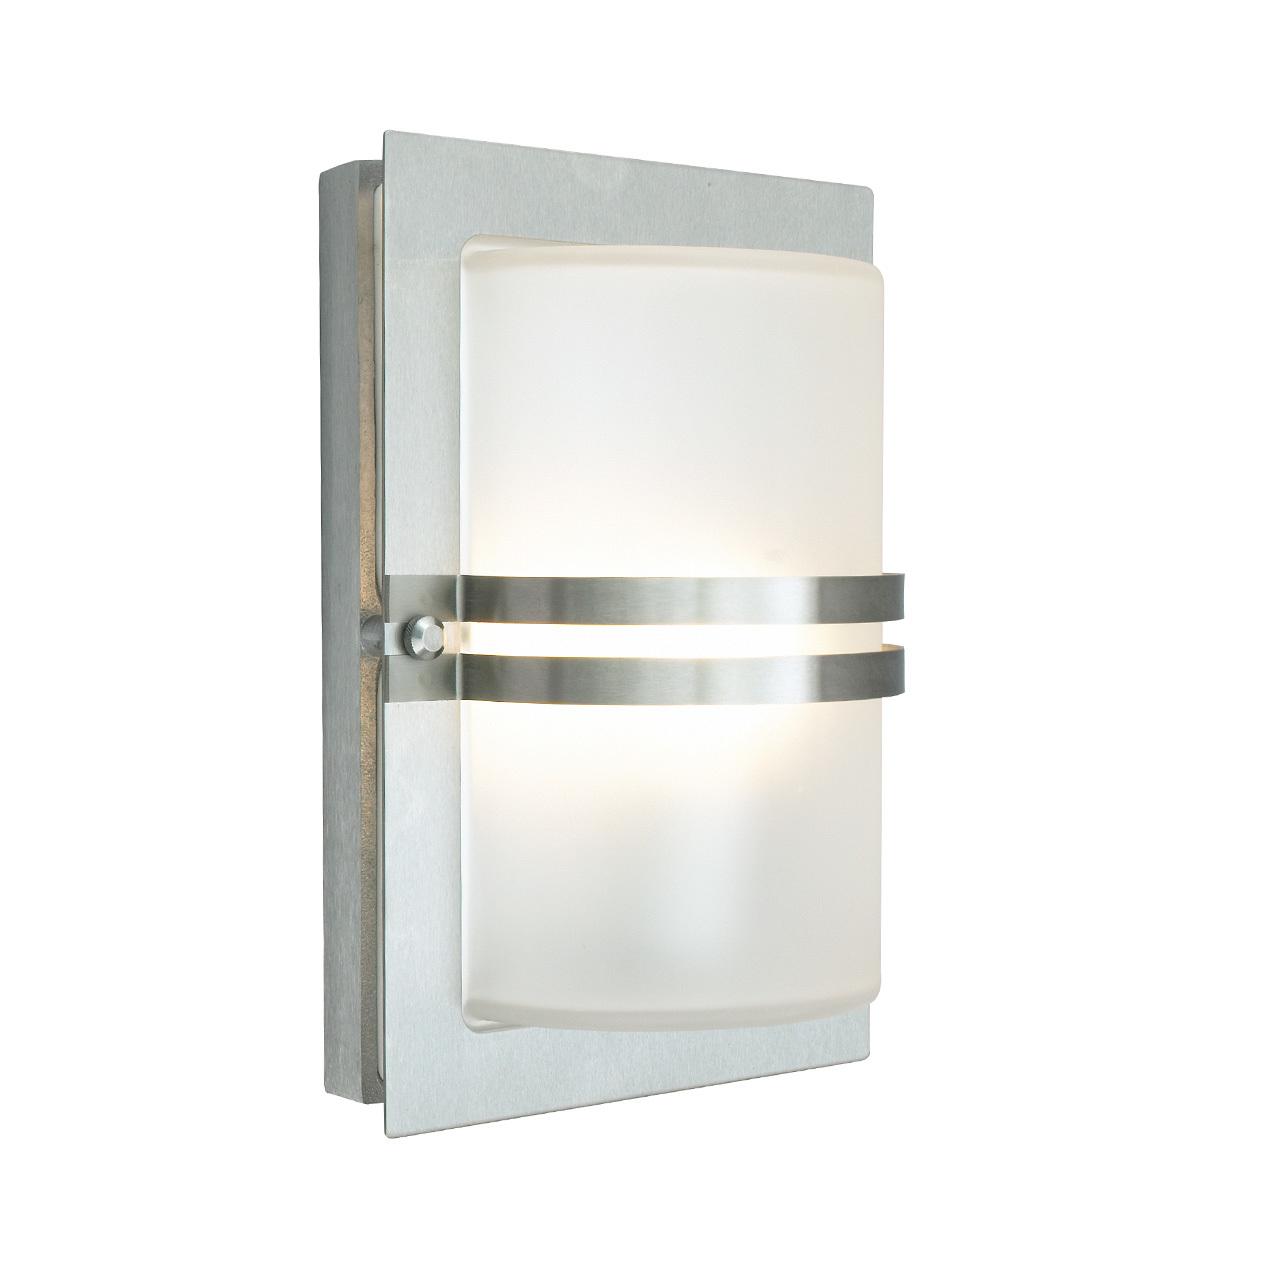 Lampa ścienna BASEL LED 668ST -Norlys  SPRAWDŹ RABATY  5-10-15-20 % w koszyku